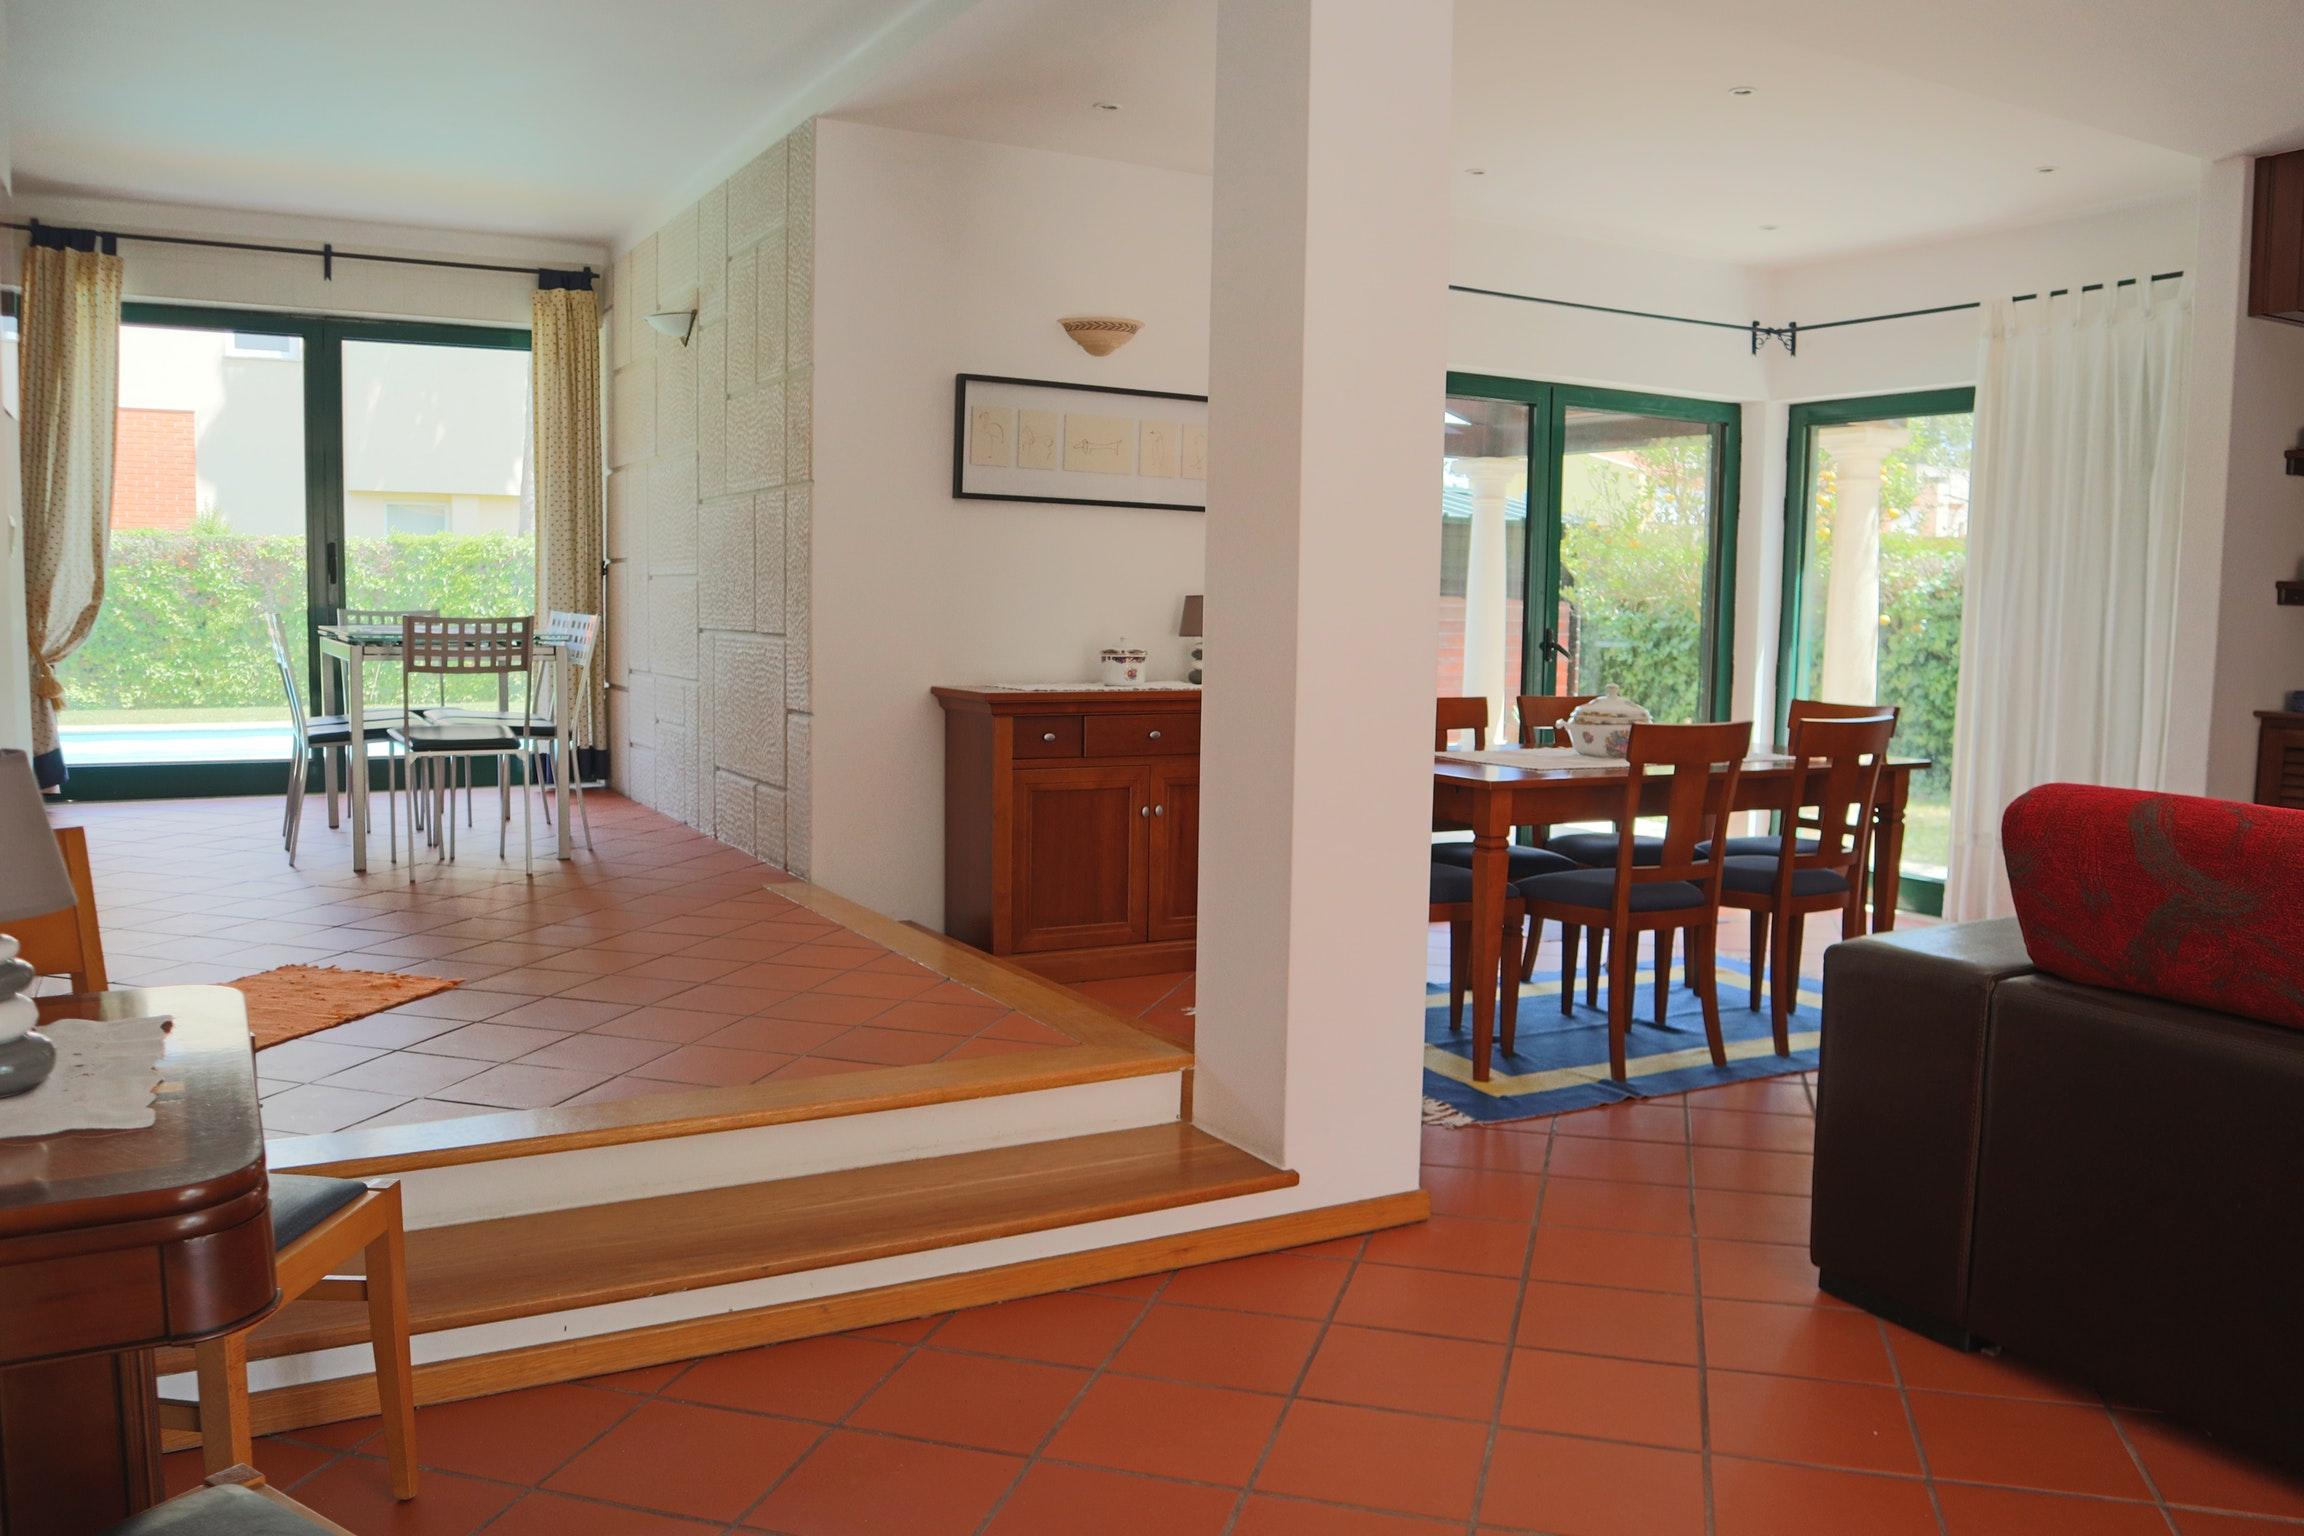 Ferienhaus Villa mit 4 Schlafzimmern in Praia de Mira mit privatem Pool, eingezäuntem Garten und W-LA (2623071), Praia de Mira, Costa de Prata, Zentral-Portugal, Portugal, Bild 16